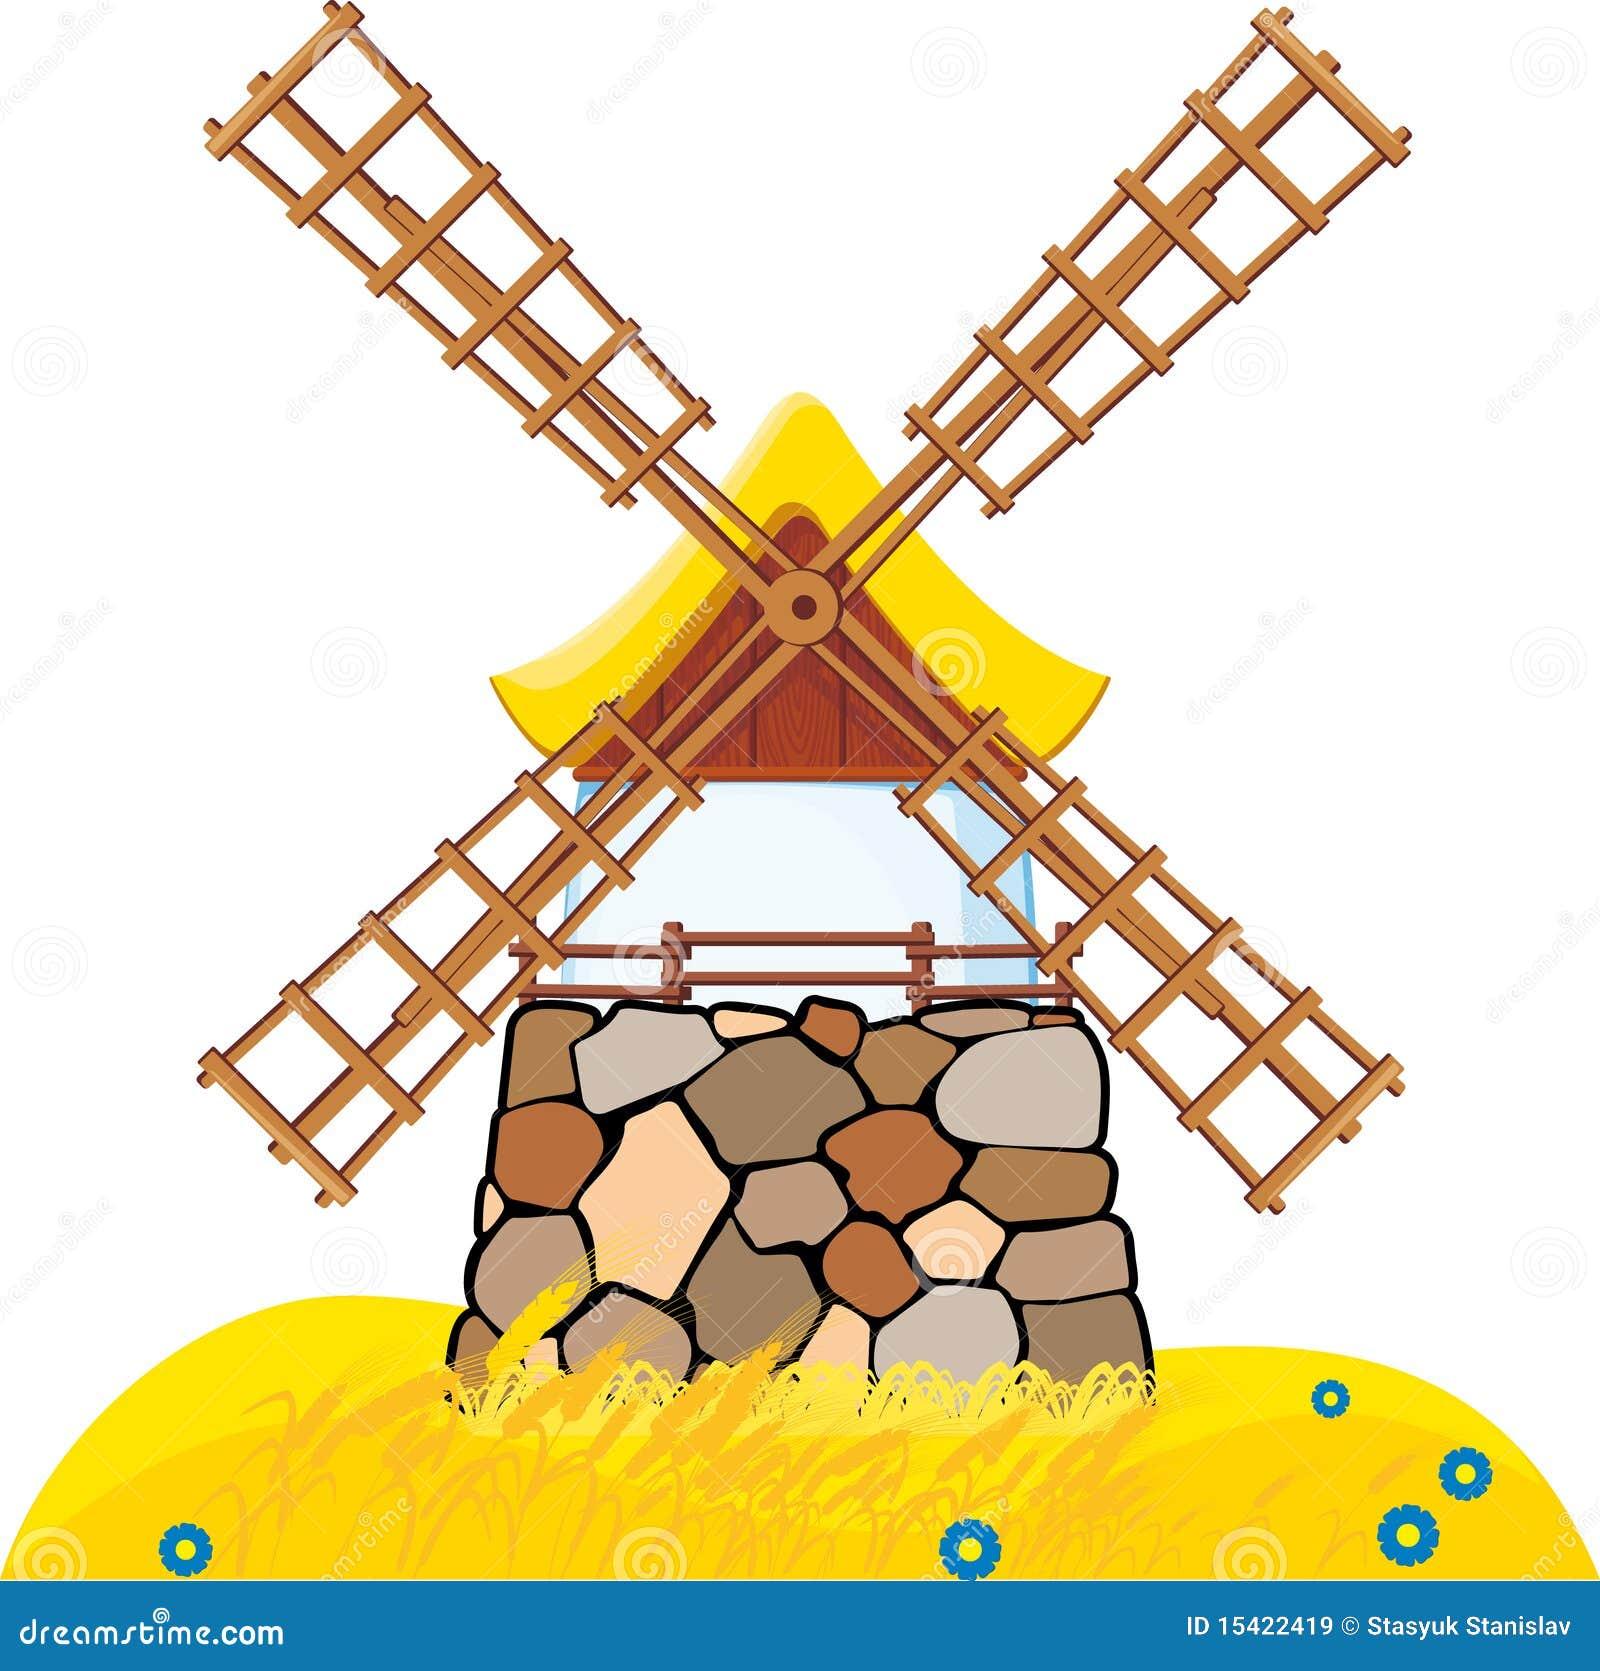 https://thumbs.dreamstime.com/z/windmill-15422419.jpg